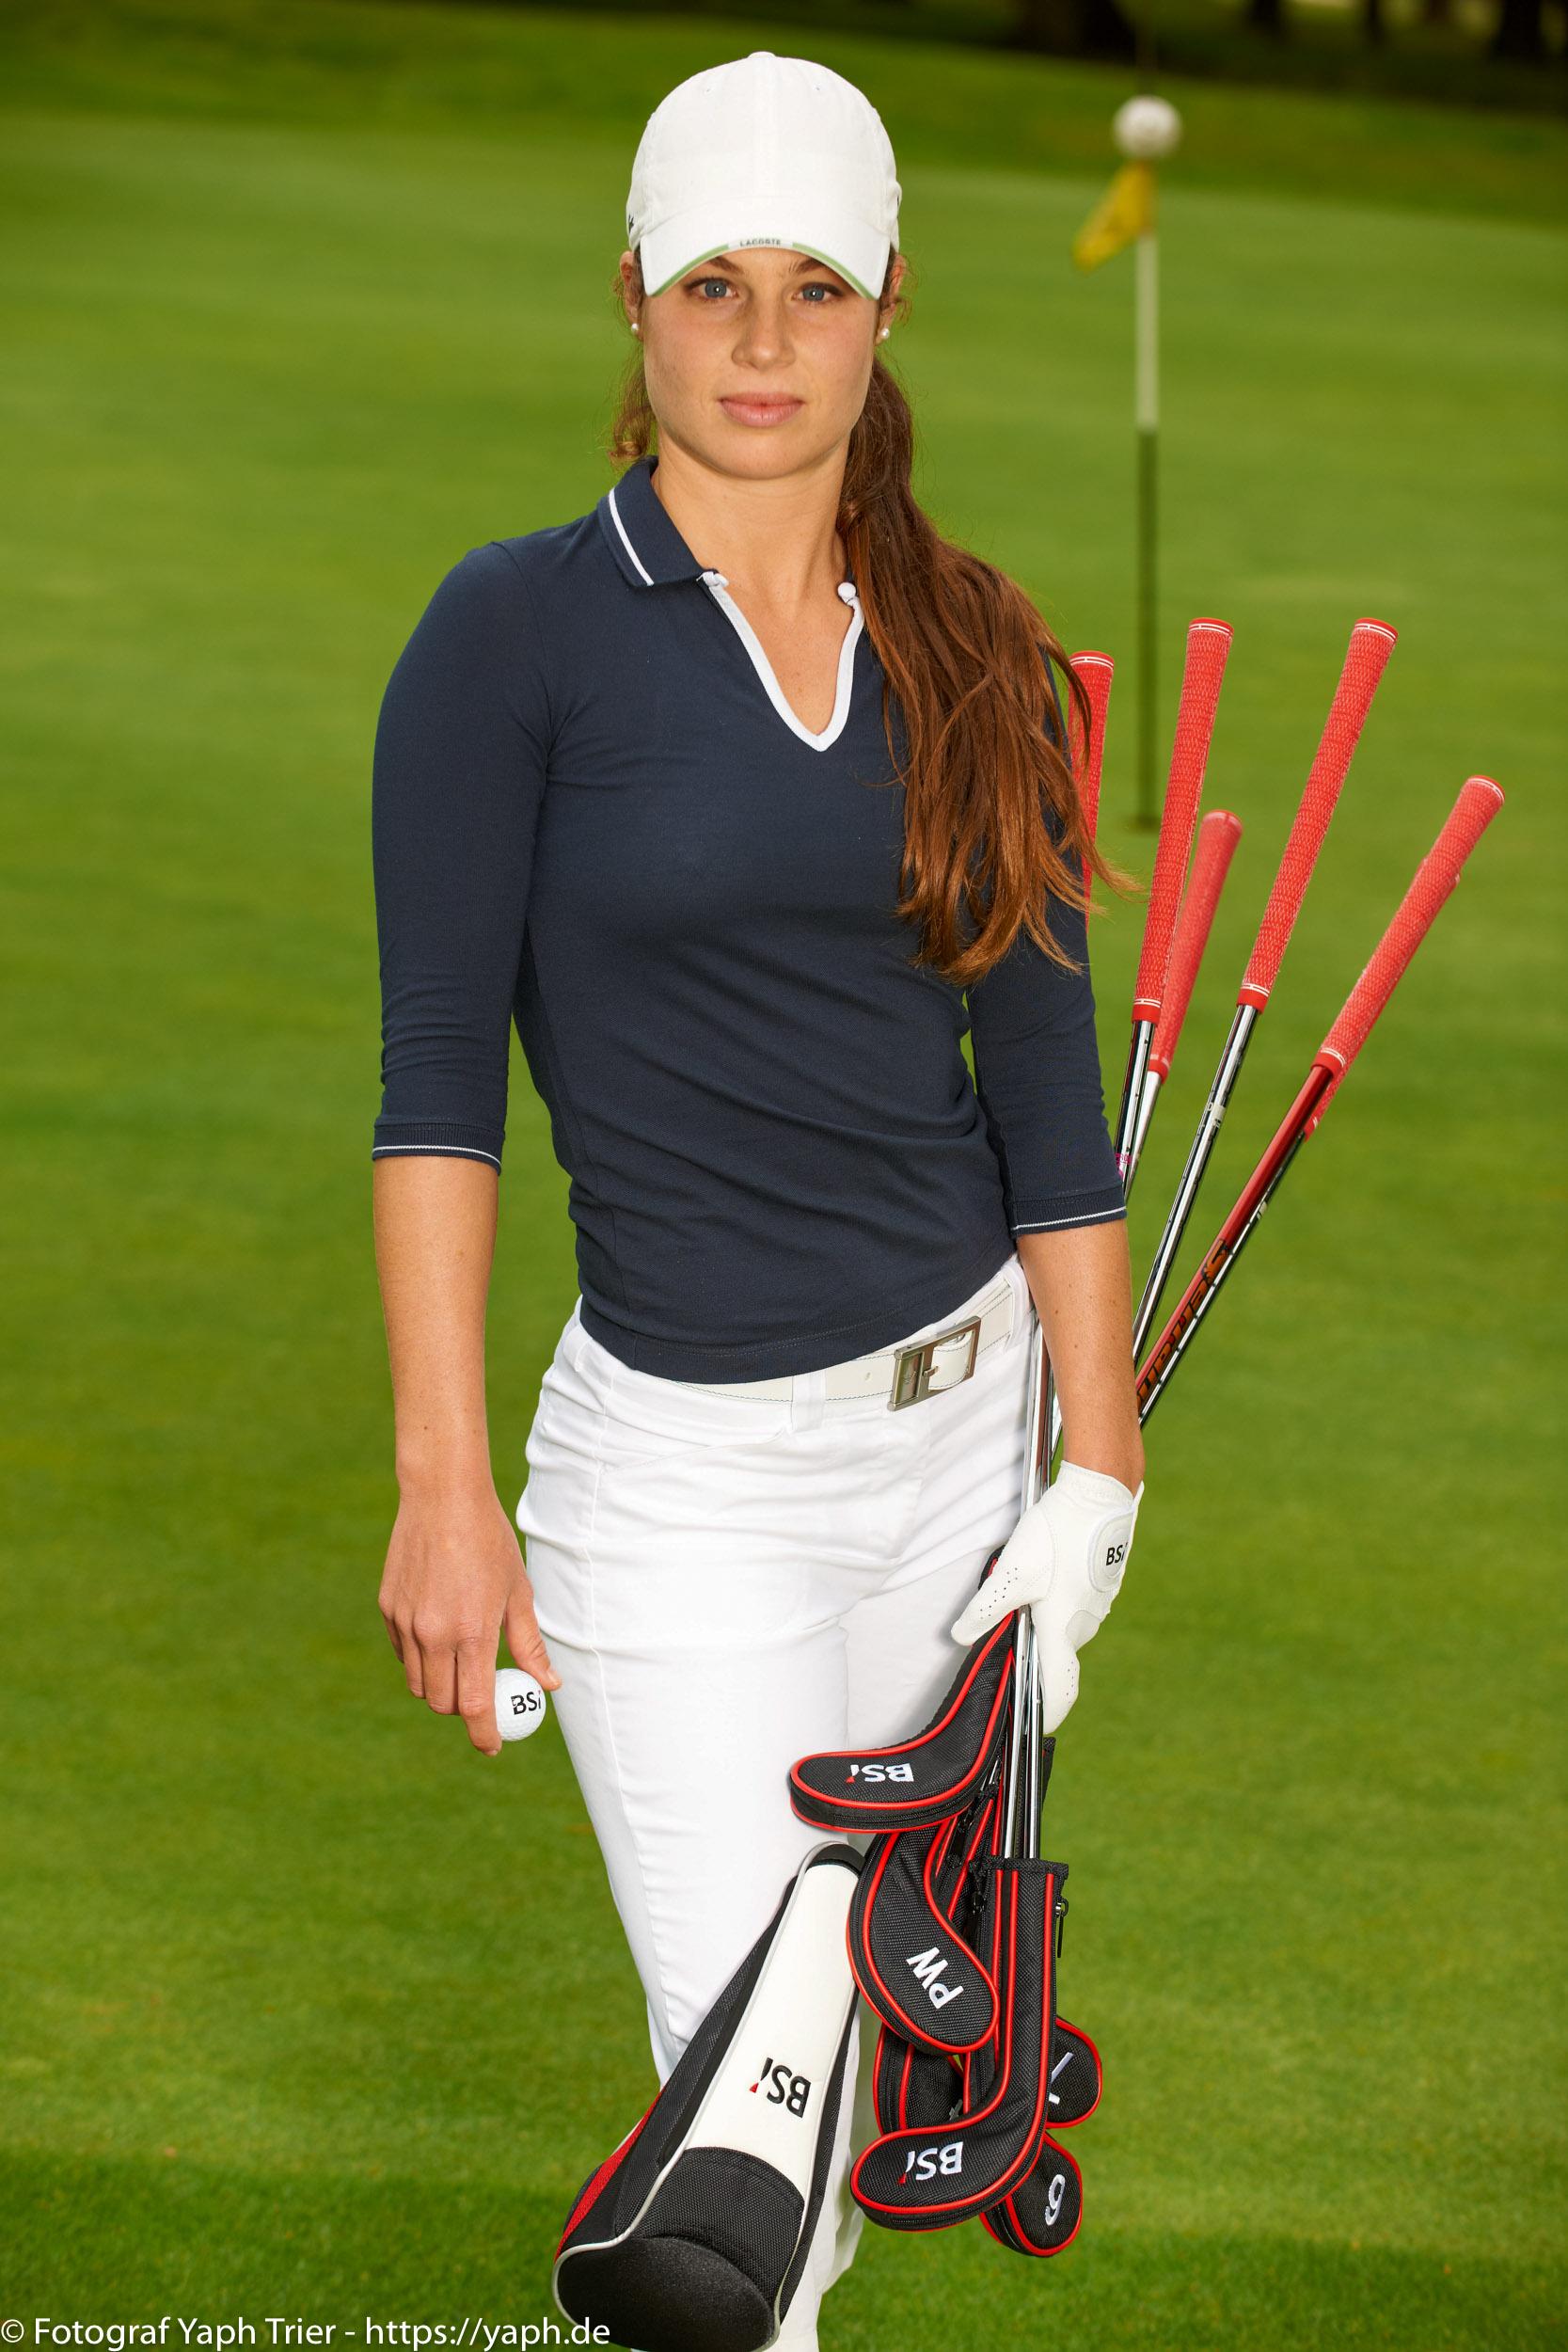 Liebelei Elena Lawrence - luxemburger Golfspielerin bei Fotograf Yaph - 11